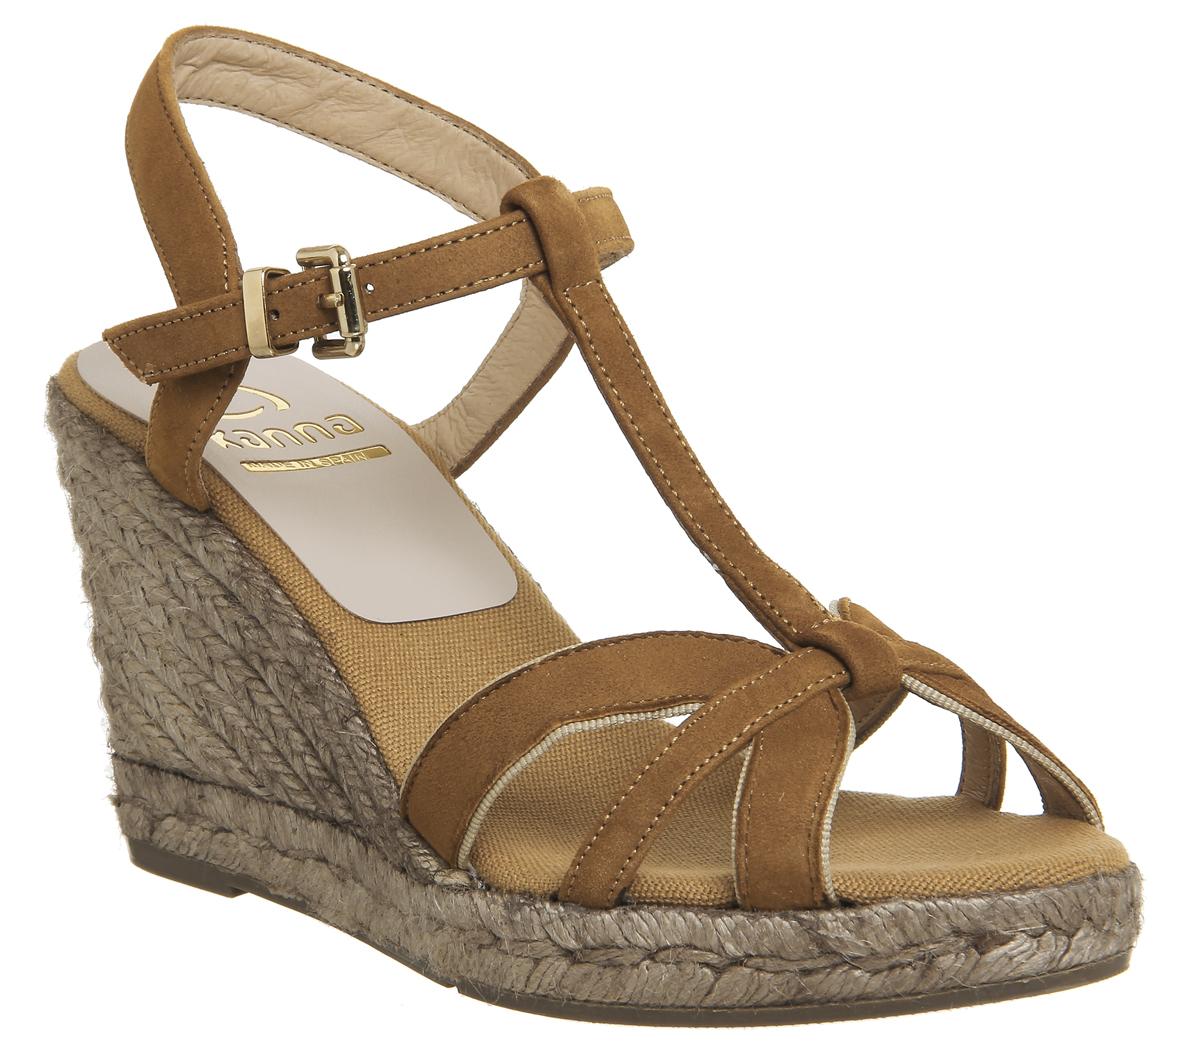 SENTINELLE Womens Kanna Evita sandales TAN SUEDE sandales 42af2660581f